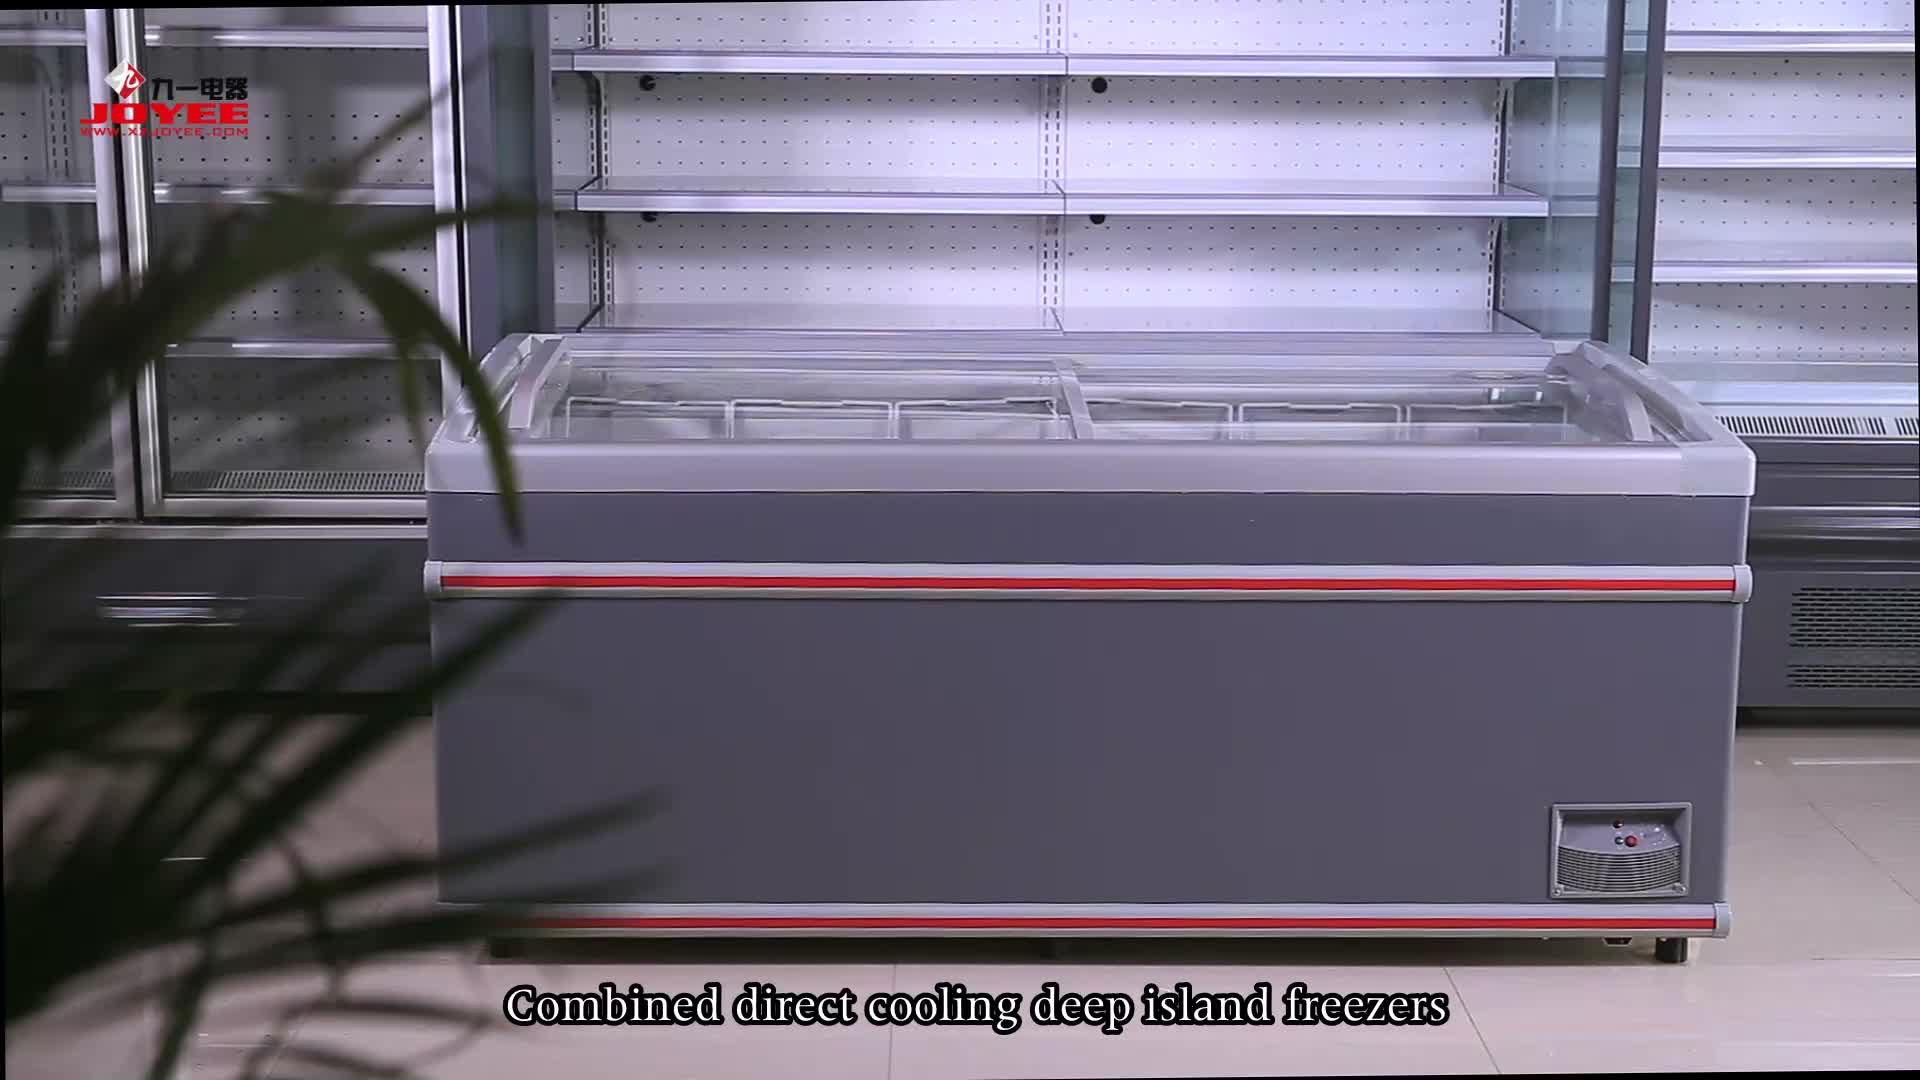 Comercial empujar y tirar de la puerta de vidrio abierto isla congelador gabinete para alimentos congelados